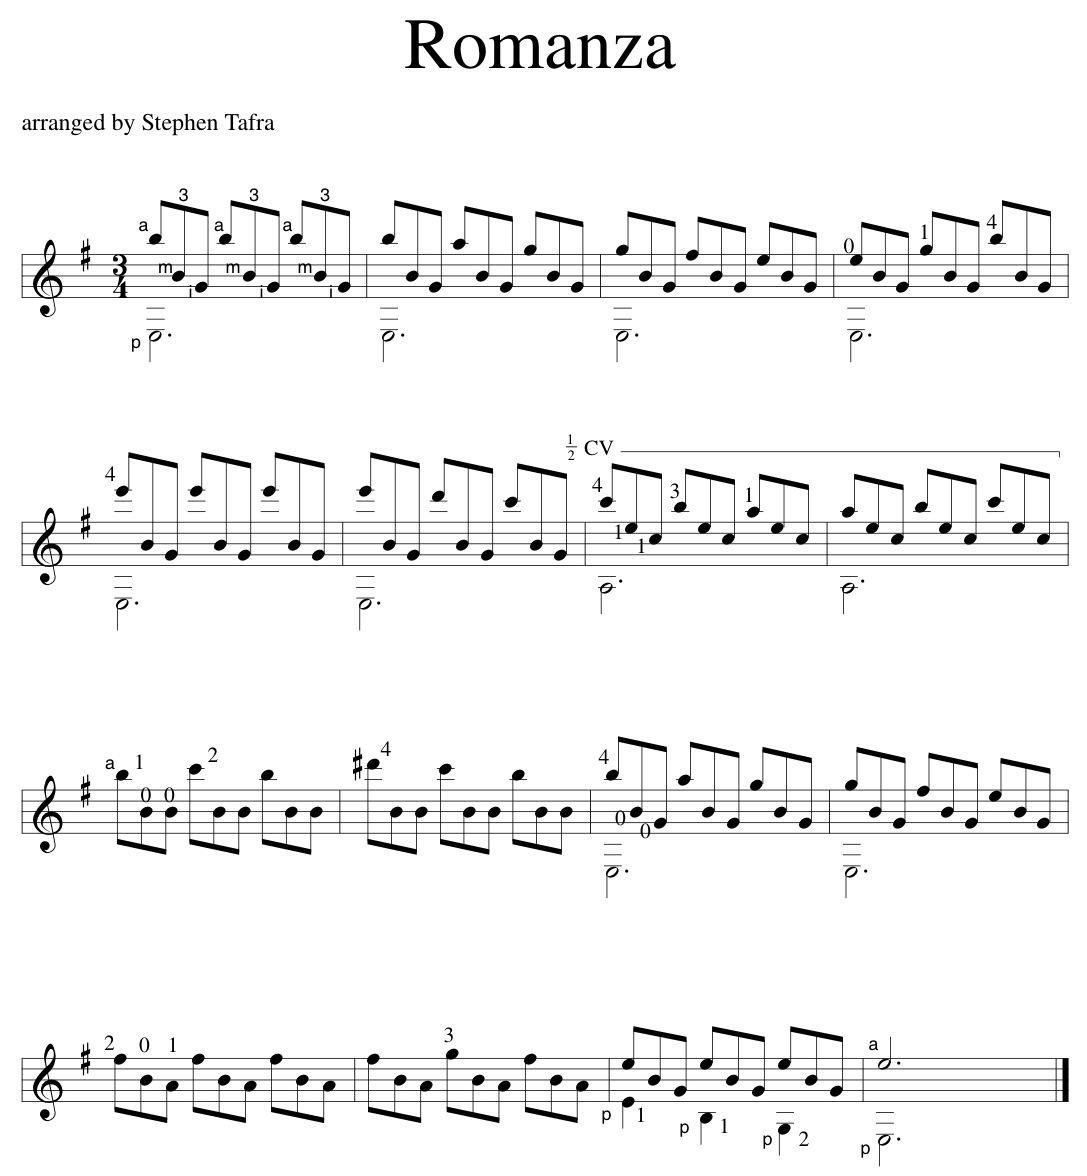 sheet music | Stephen Tafra